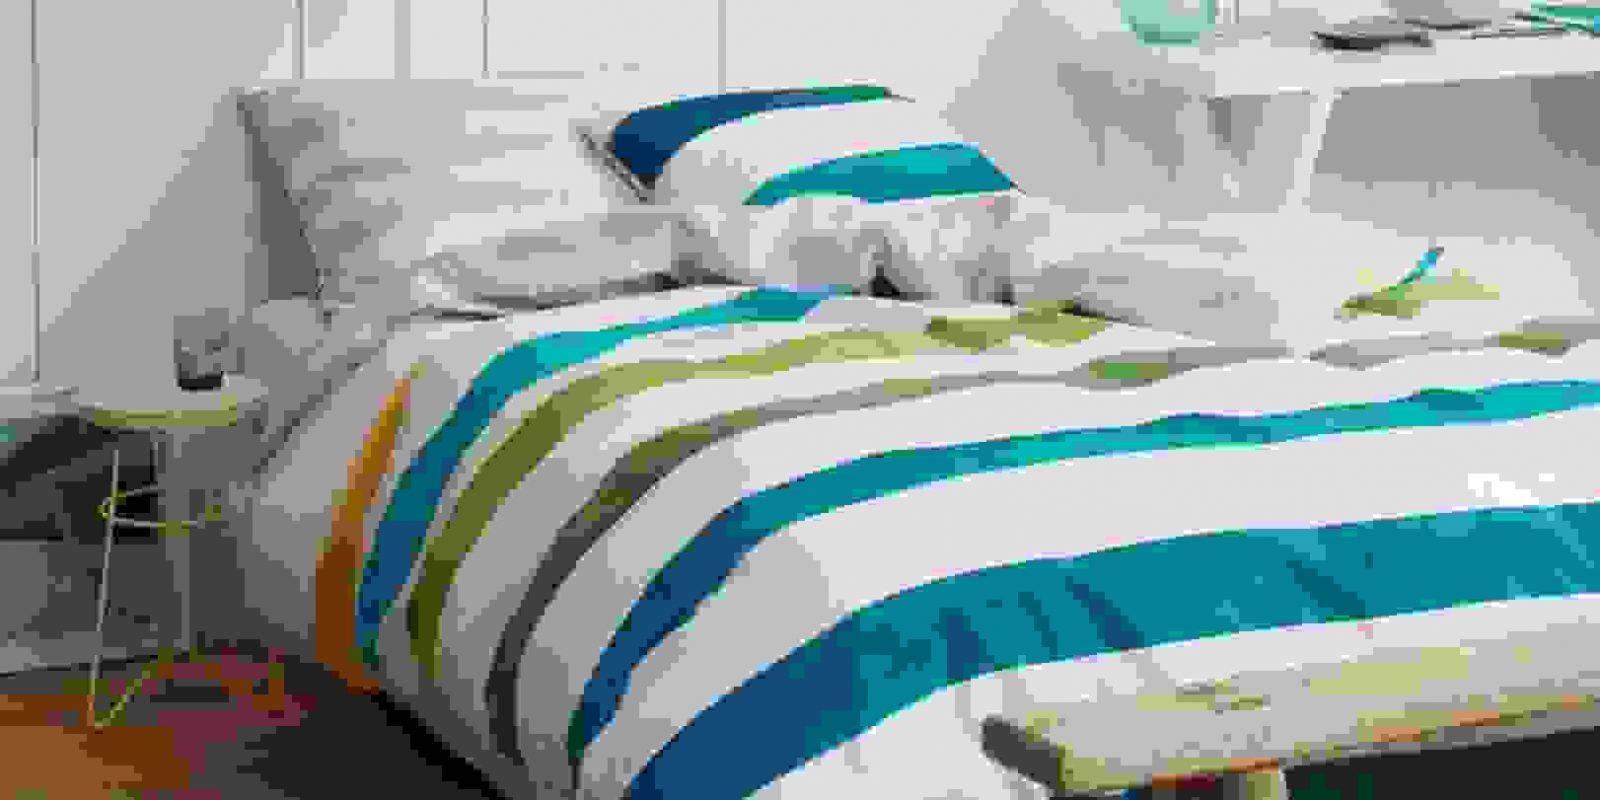 Sommerliche Bettwäschesets Von Esprit 50% Reduziert  Galaxus von Esprit Bettwäsche Reduziert Photo